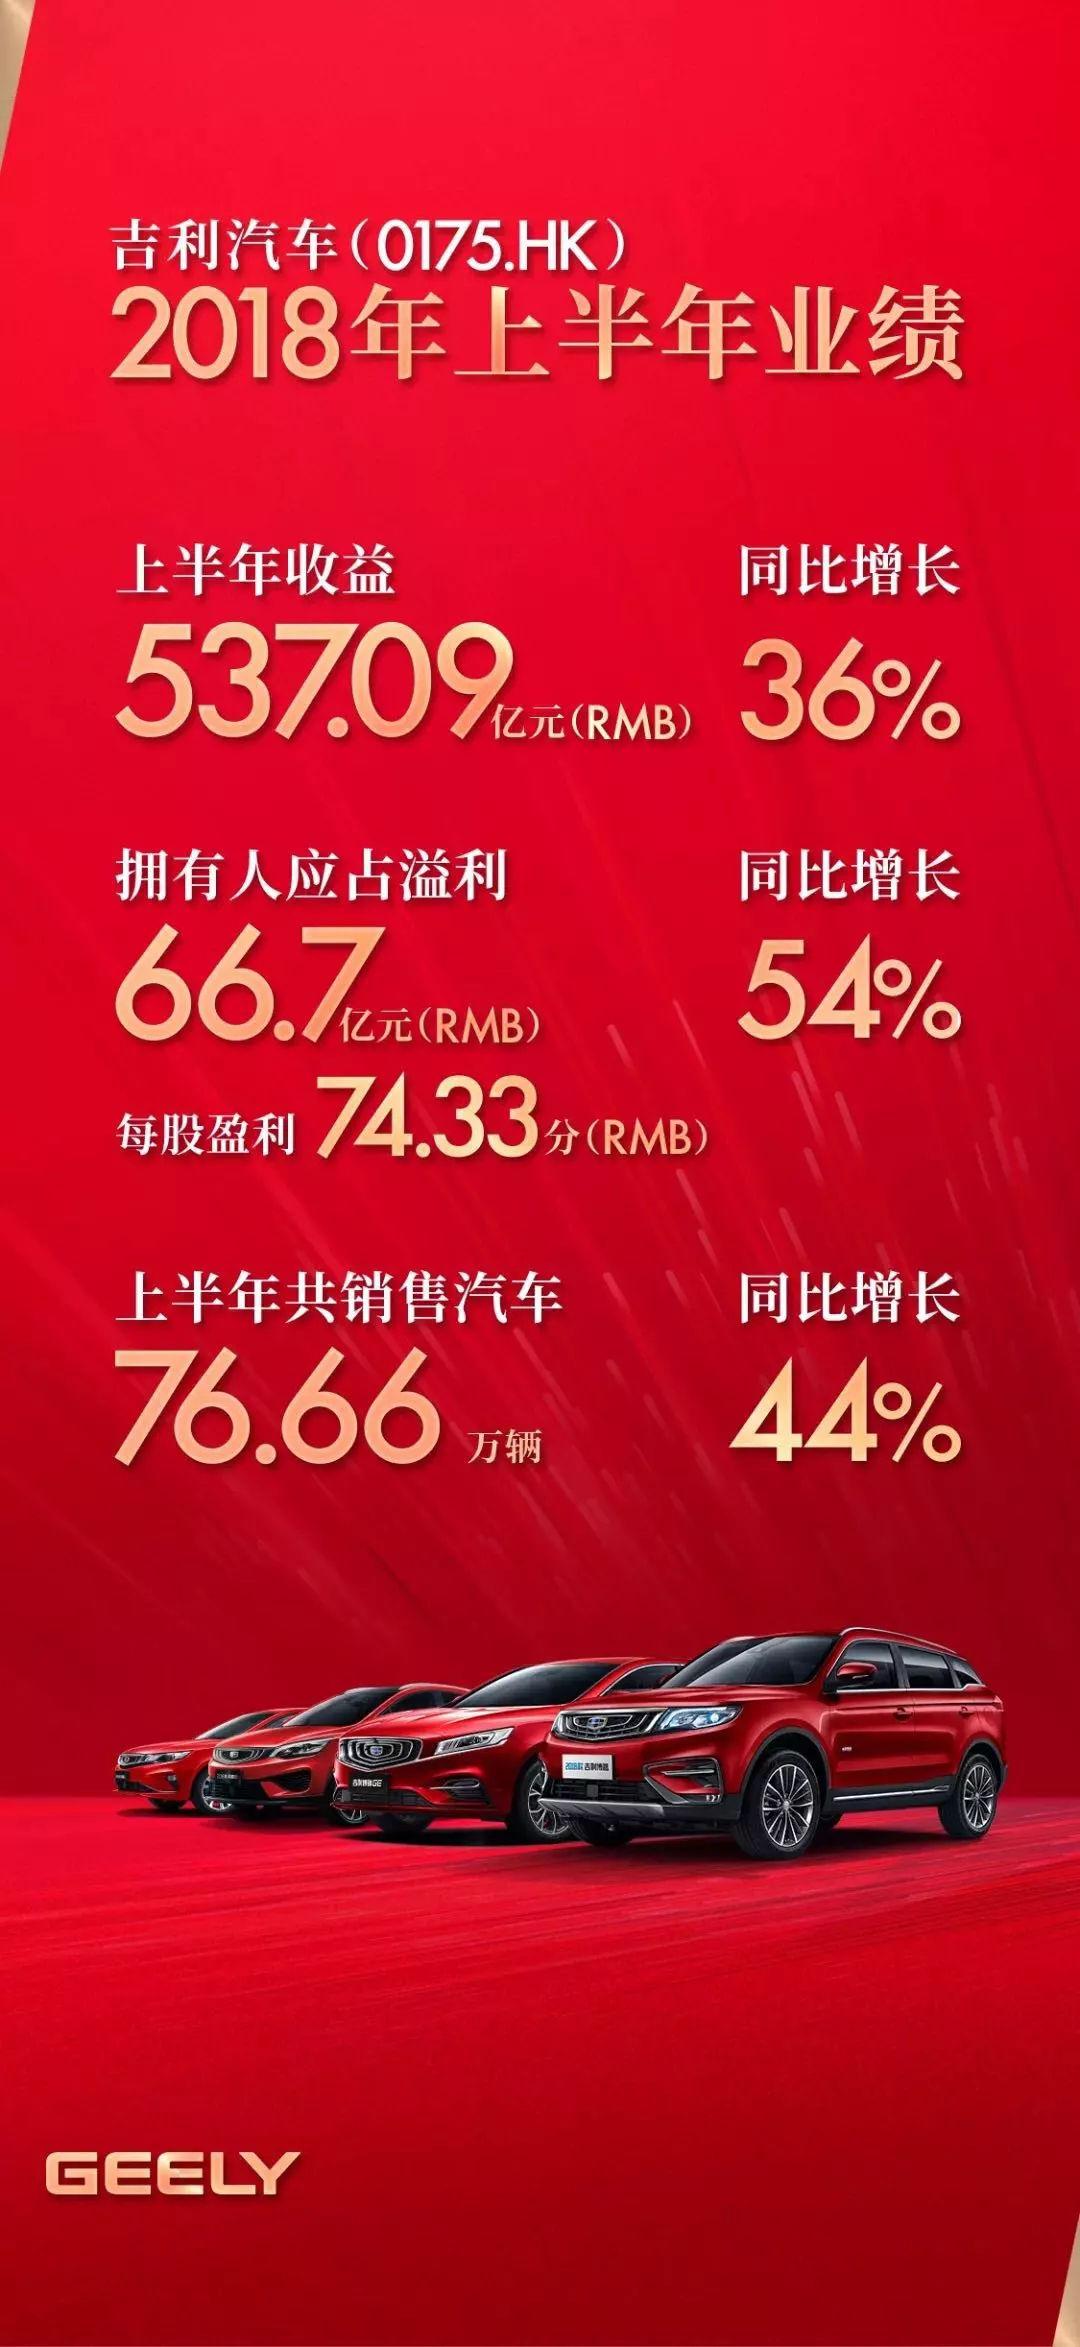 上市9年,热销150万辆,从吉利21年汽车产业发展史浅谈帝豪的成功